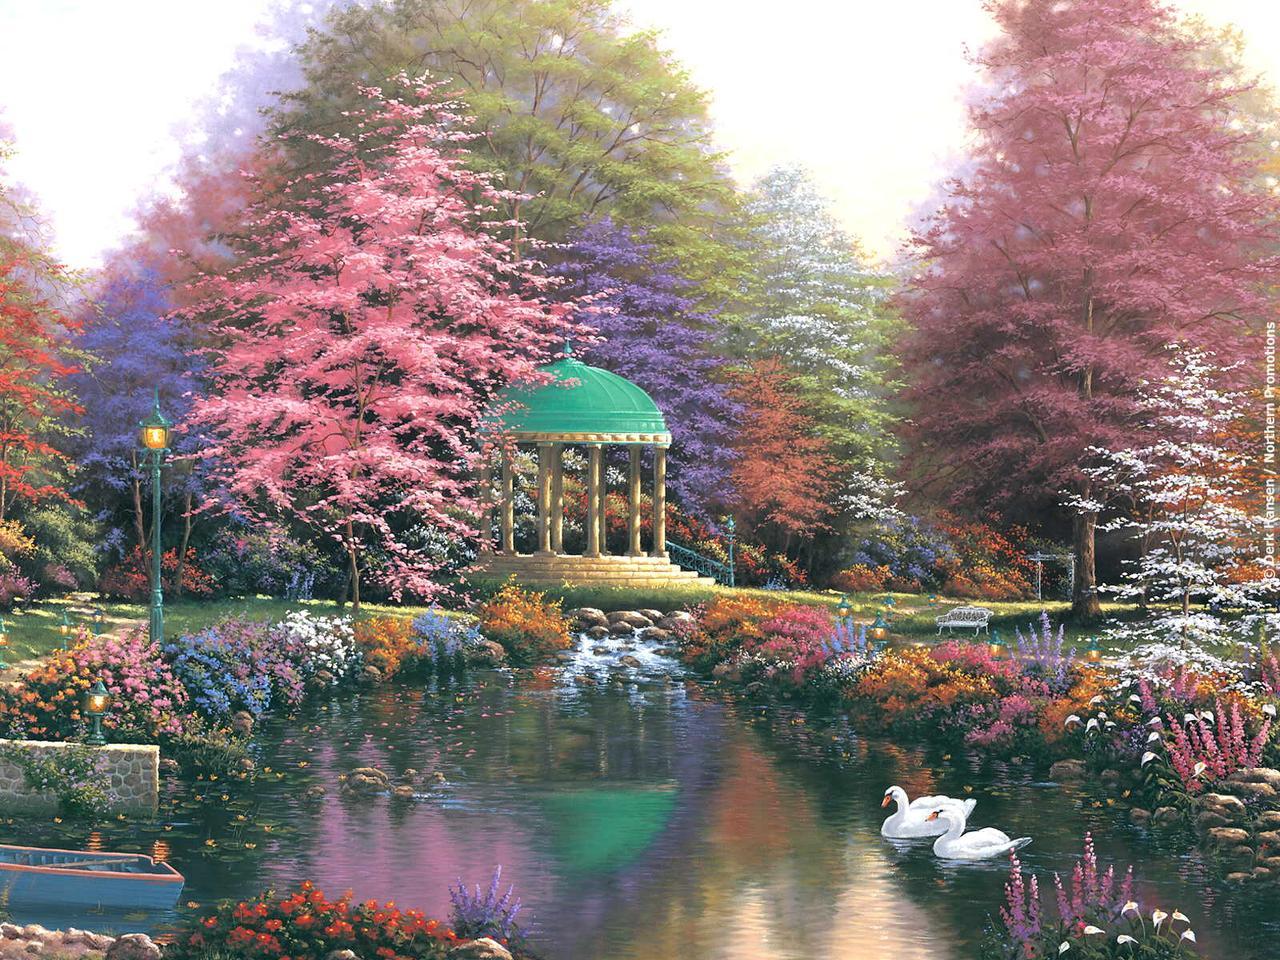 Картина по номерам Ротонда в саду» 40*50см, в коробке ТМ Dreamtoys код: DT-538